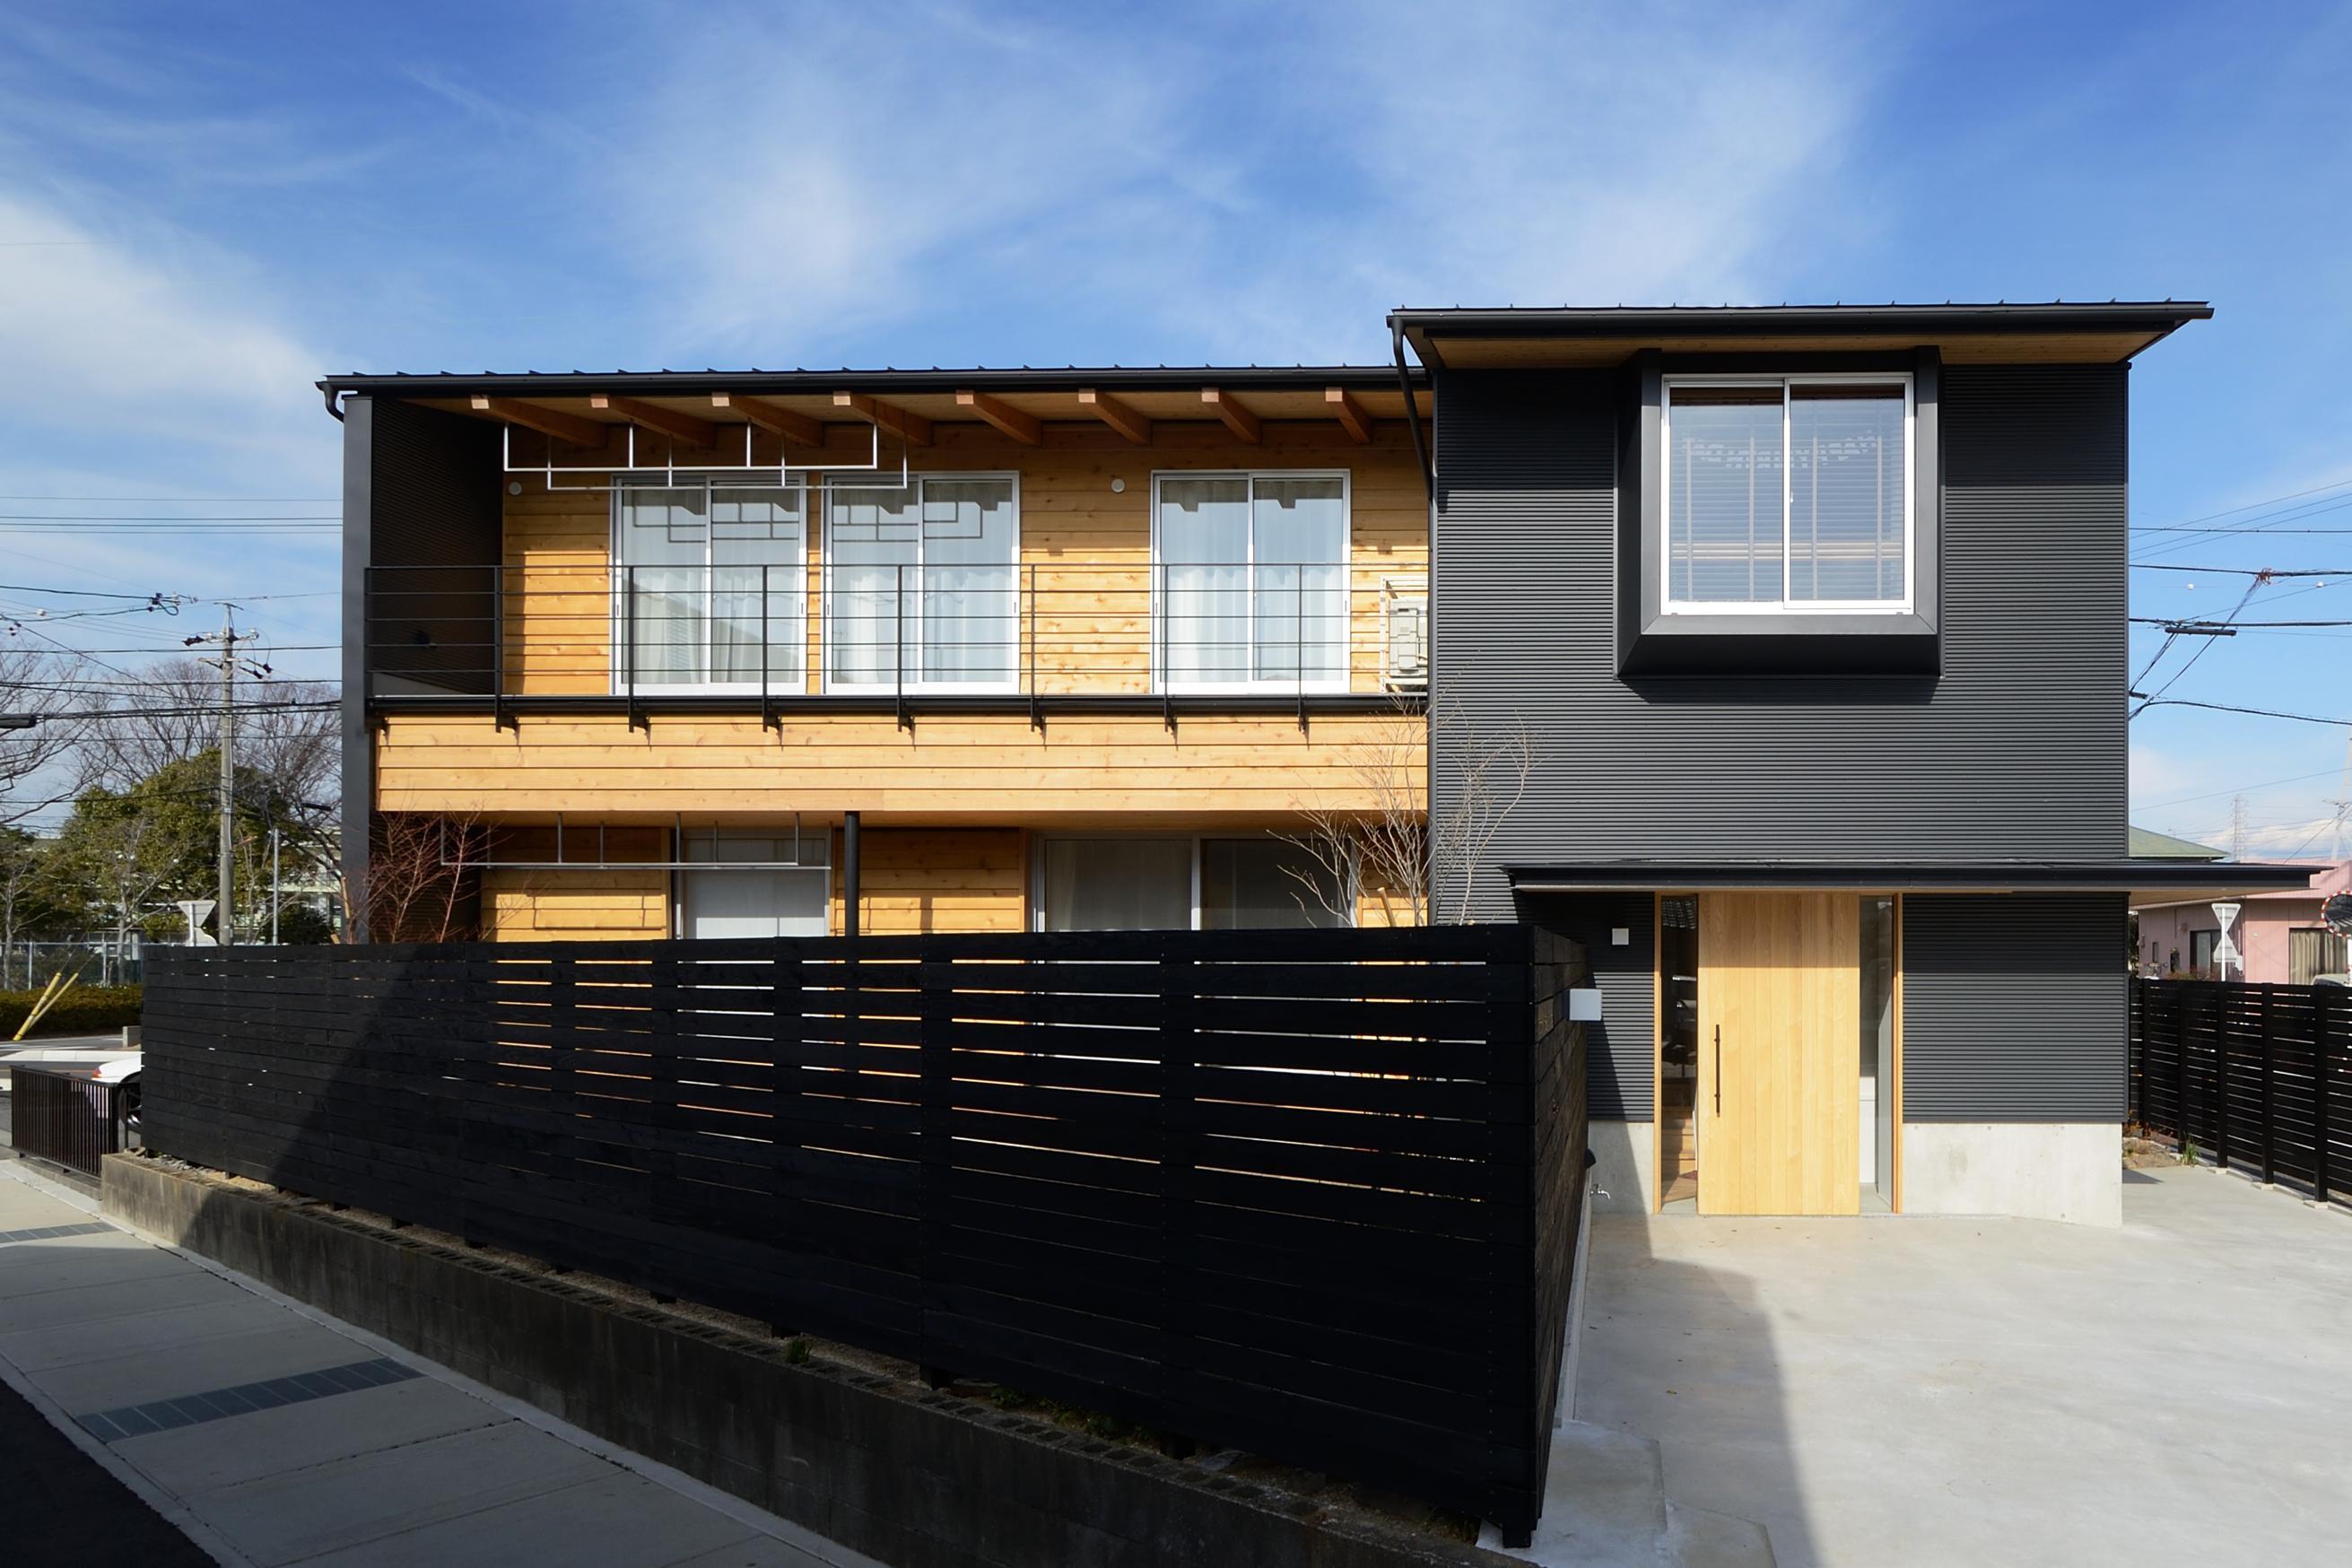 『岡崎・城南町の家』明るく健康的な二世帯住宅の部屋 ガルバリウムと木を組み合わせた外観